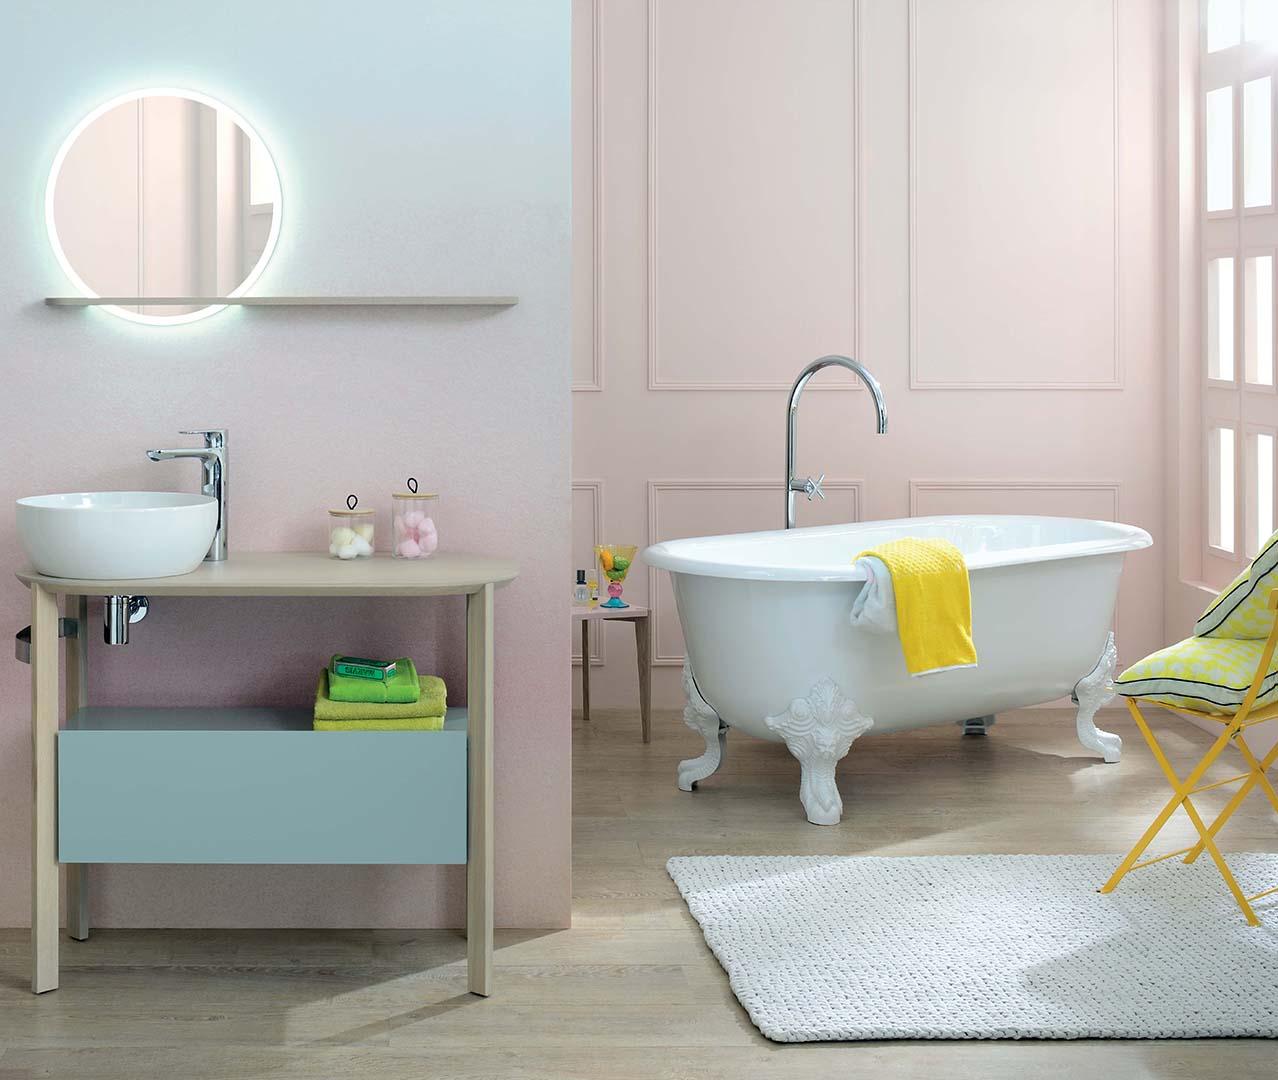 Salle De Bain Tereva ~ meuble salle de bain tereva great meubles salle de bains vertigo